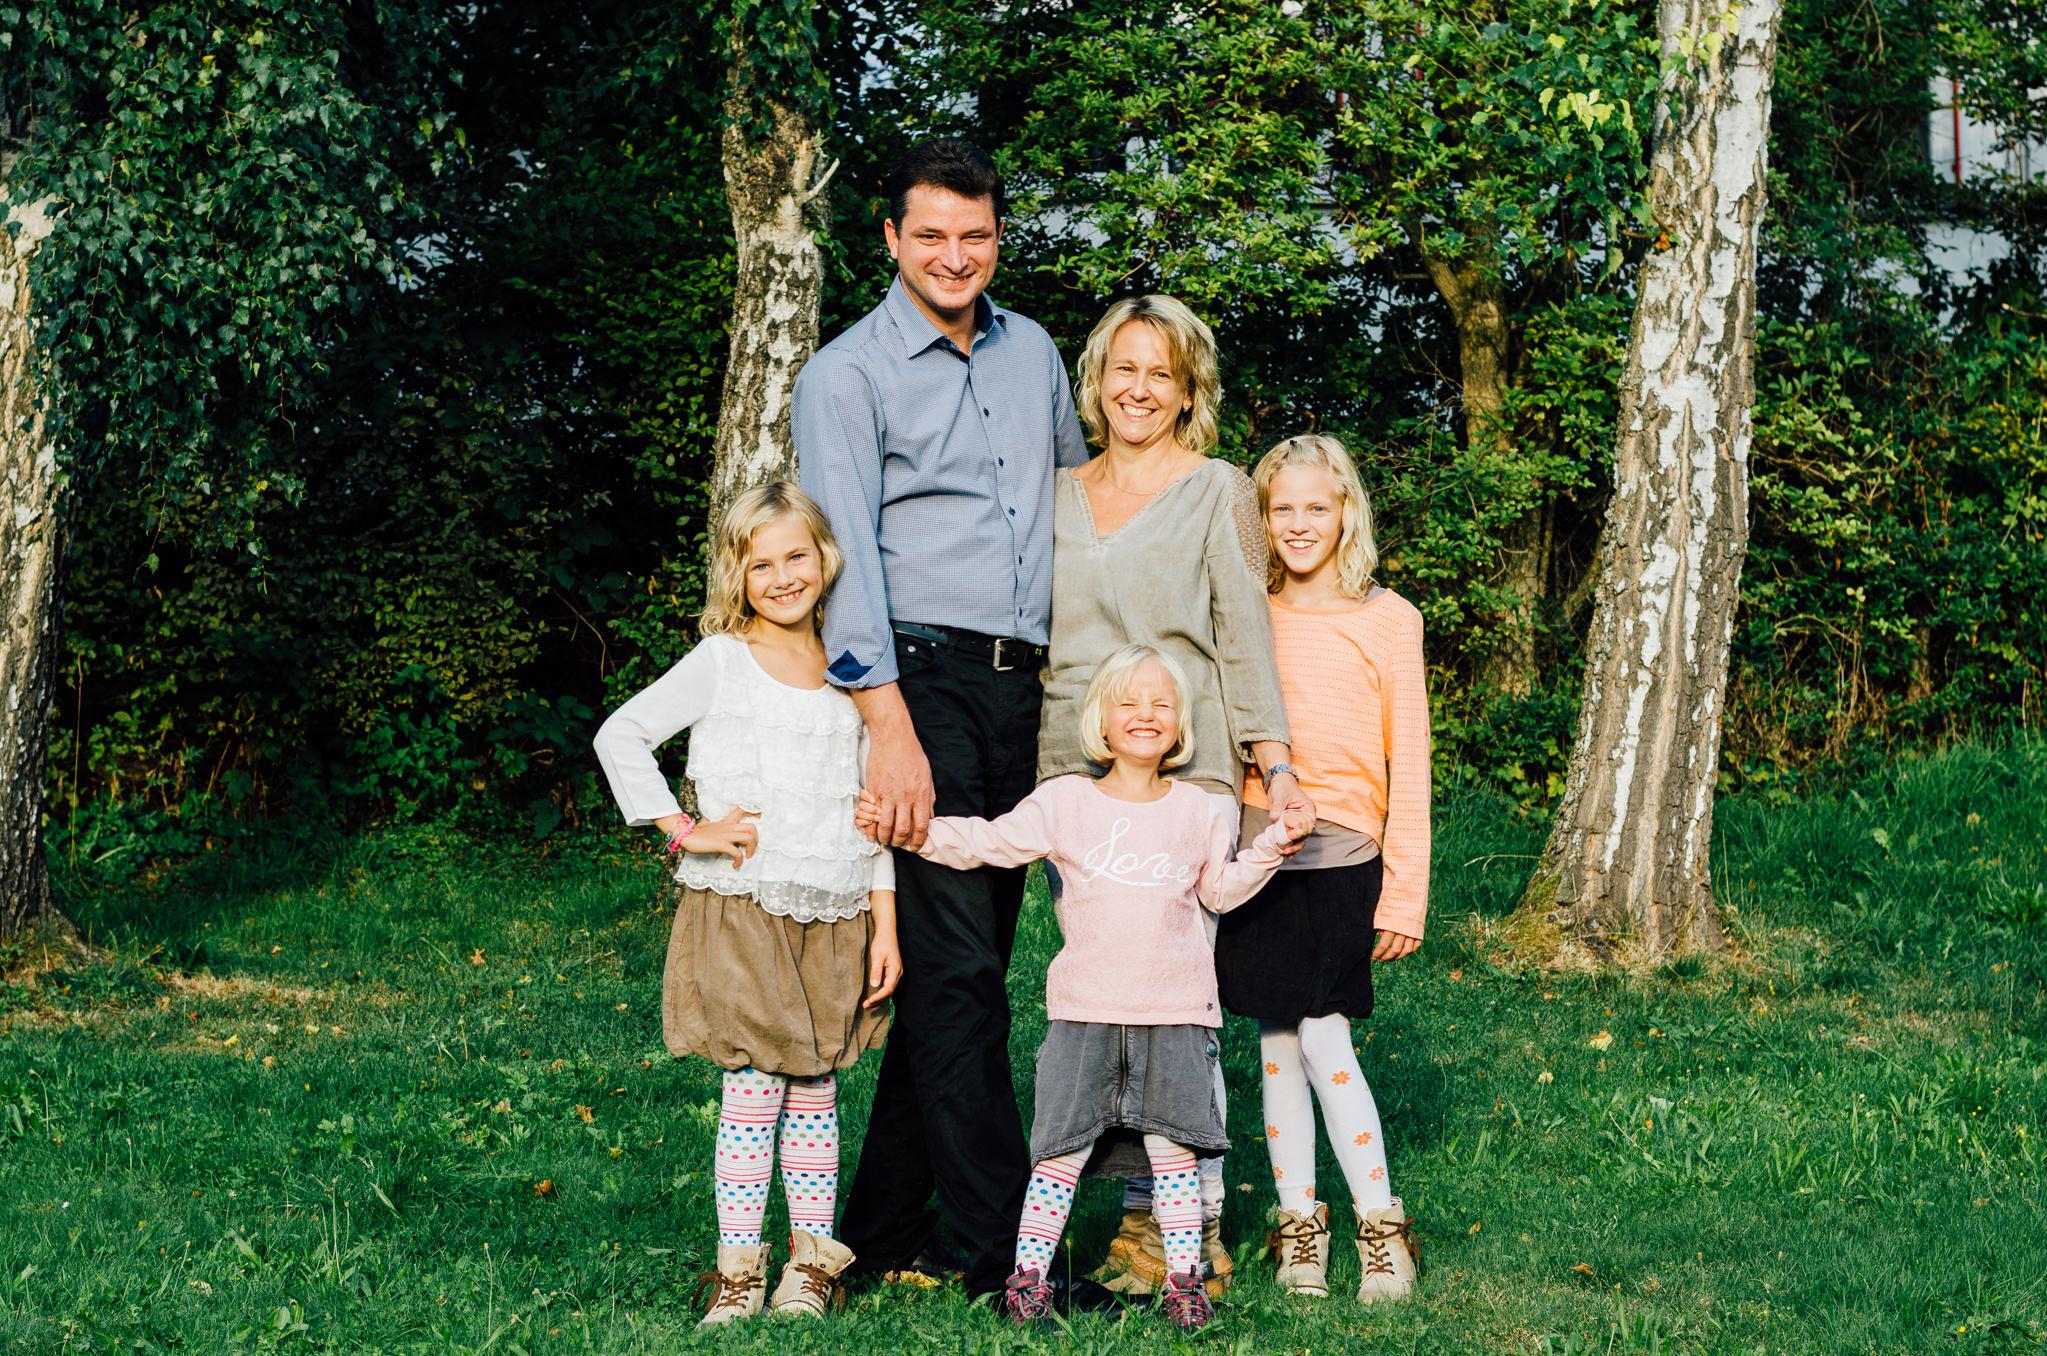 Familienfotos Ein Fotoshooting In Familiärer Atmosphäre